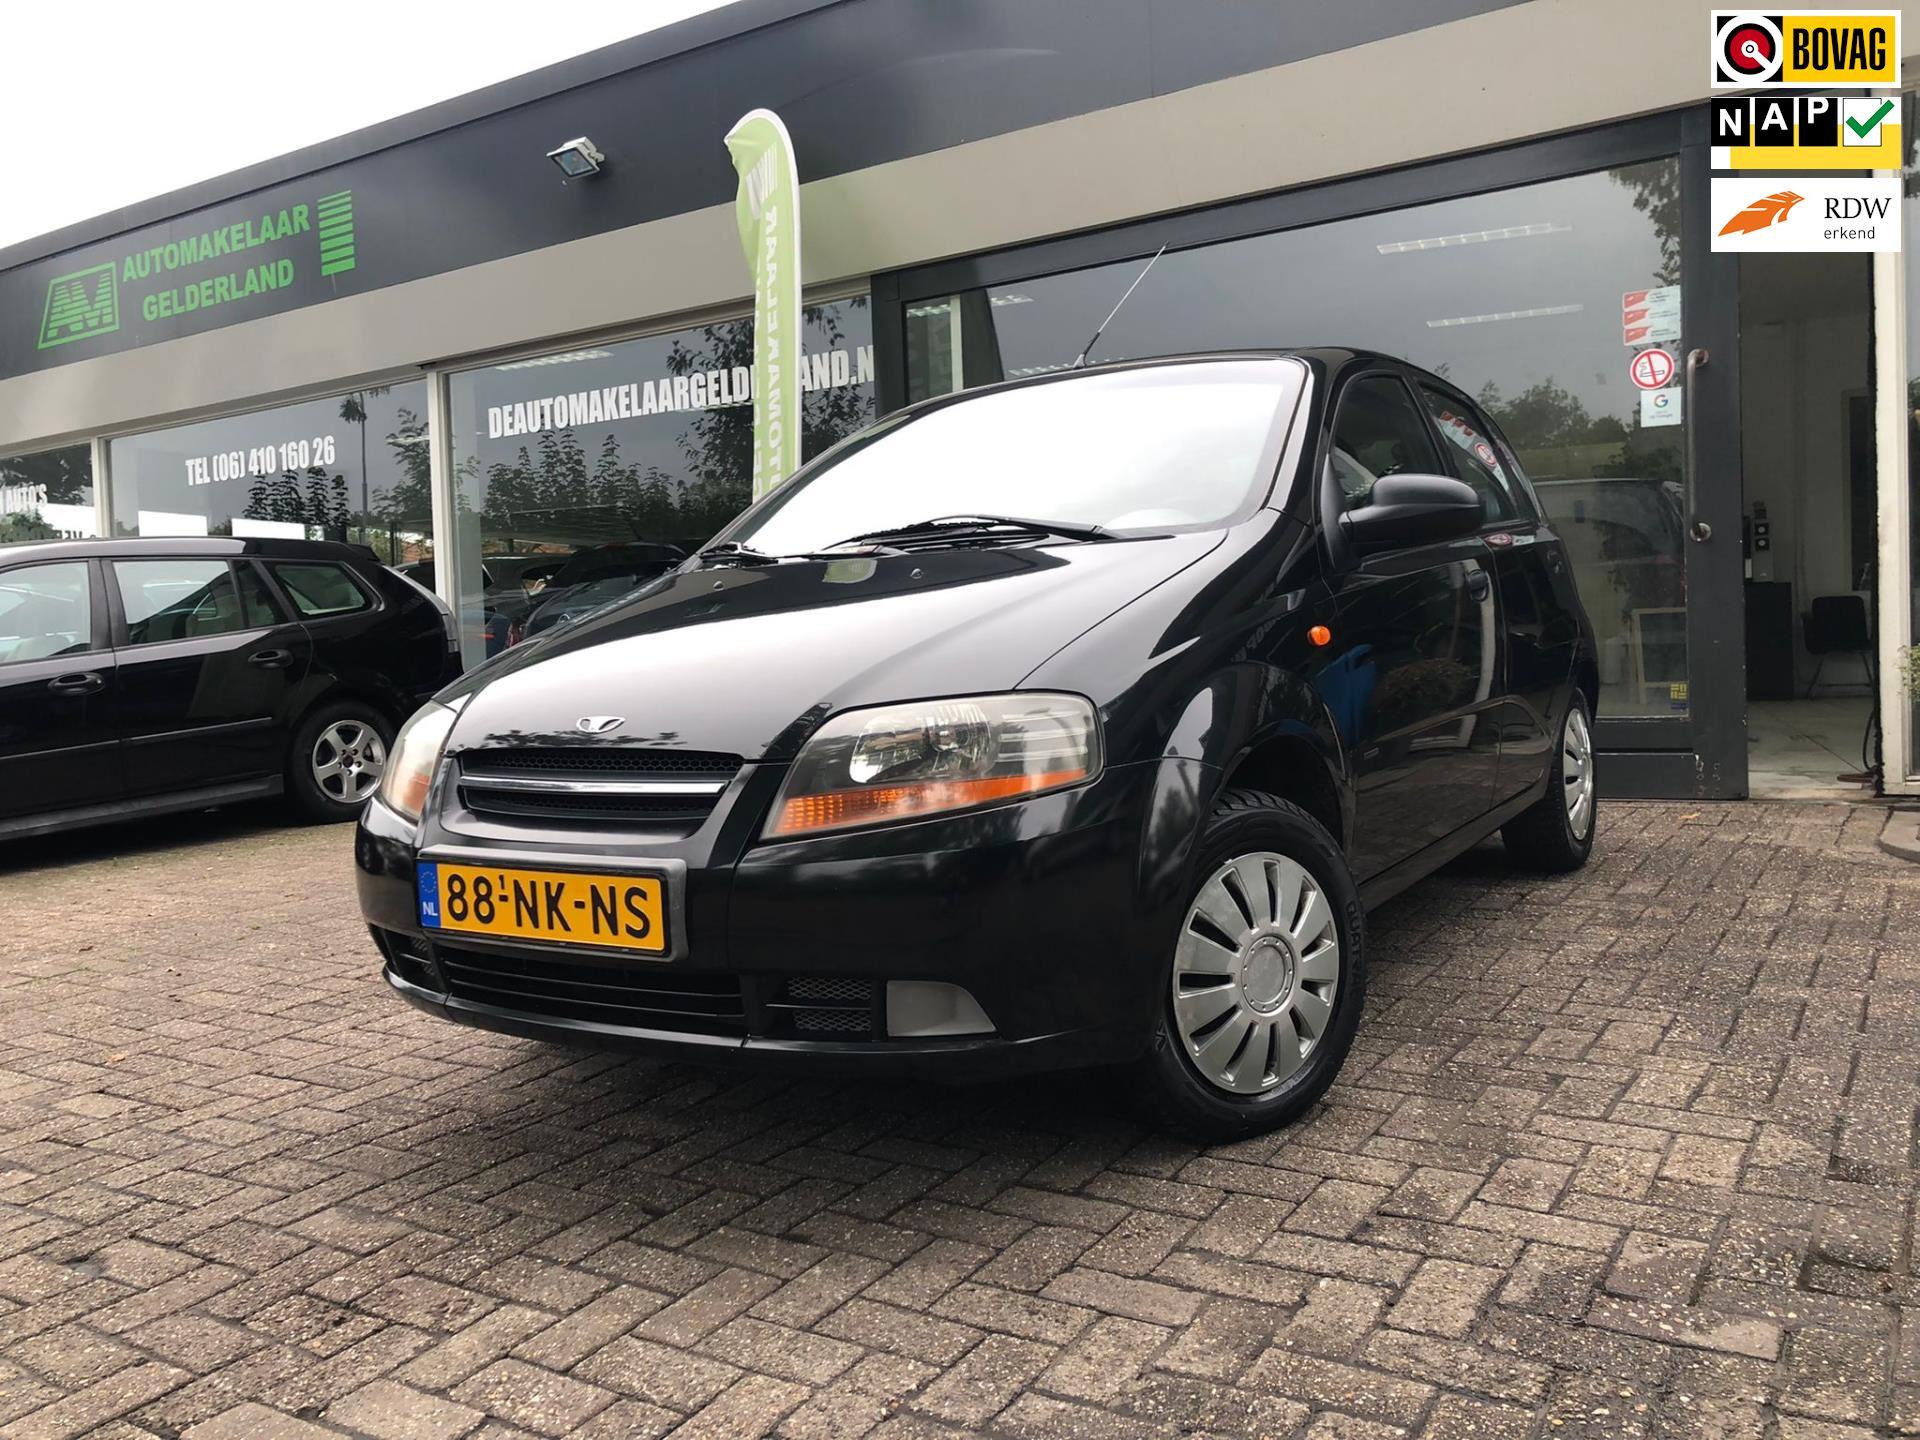 Daewoo Kalos occasion - De Automakelaar Gelderland